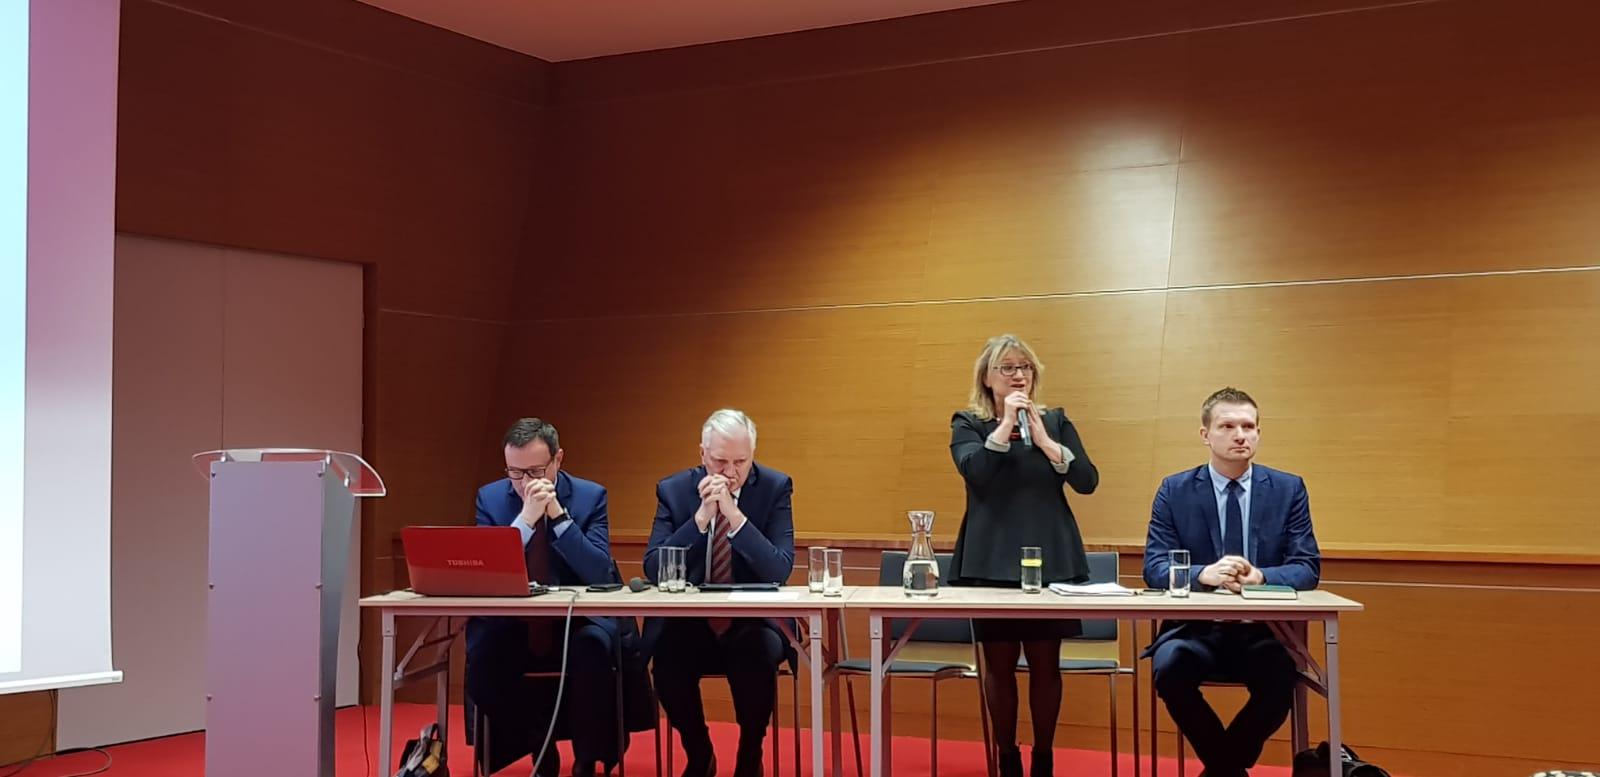 IMG 20200207 WA0000 Antysmogowa Konferencja Forum Wójtów, Burmistrzów i Prezydentów Małopolski z udziałem Burmistrza Dąbrowy Tarnowskiej